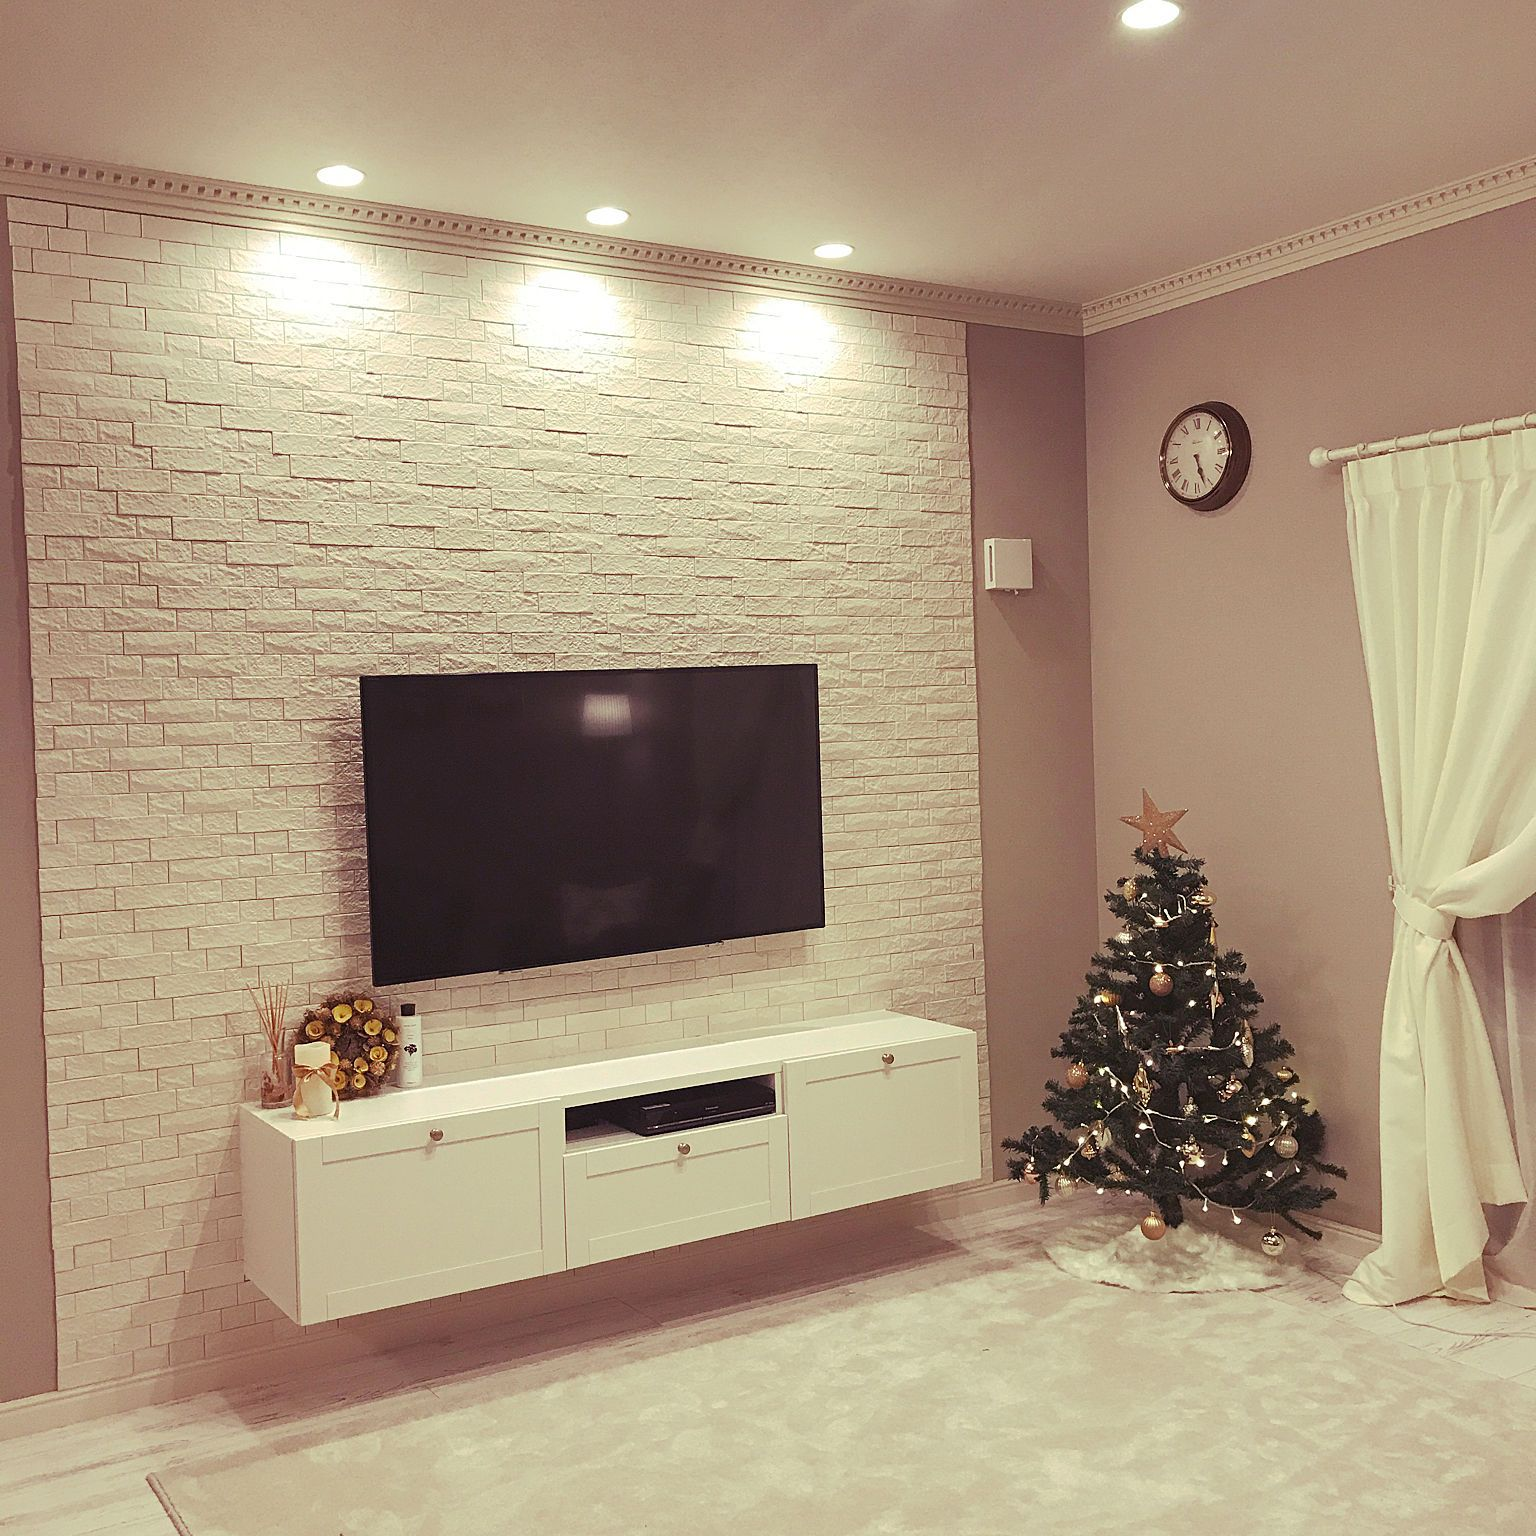 リビング 壁掛けテレビ テレビボード ダウンライト エコカラット